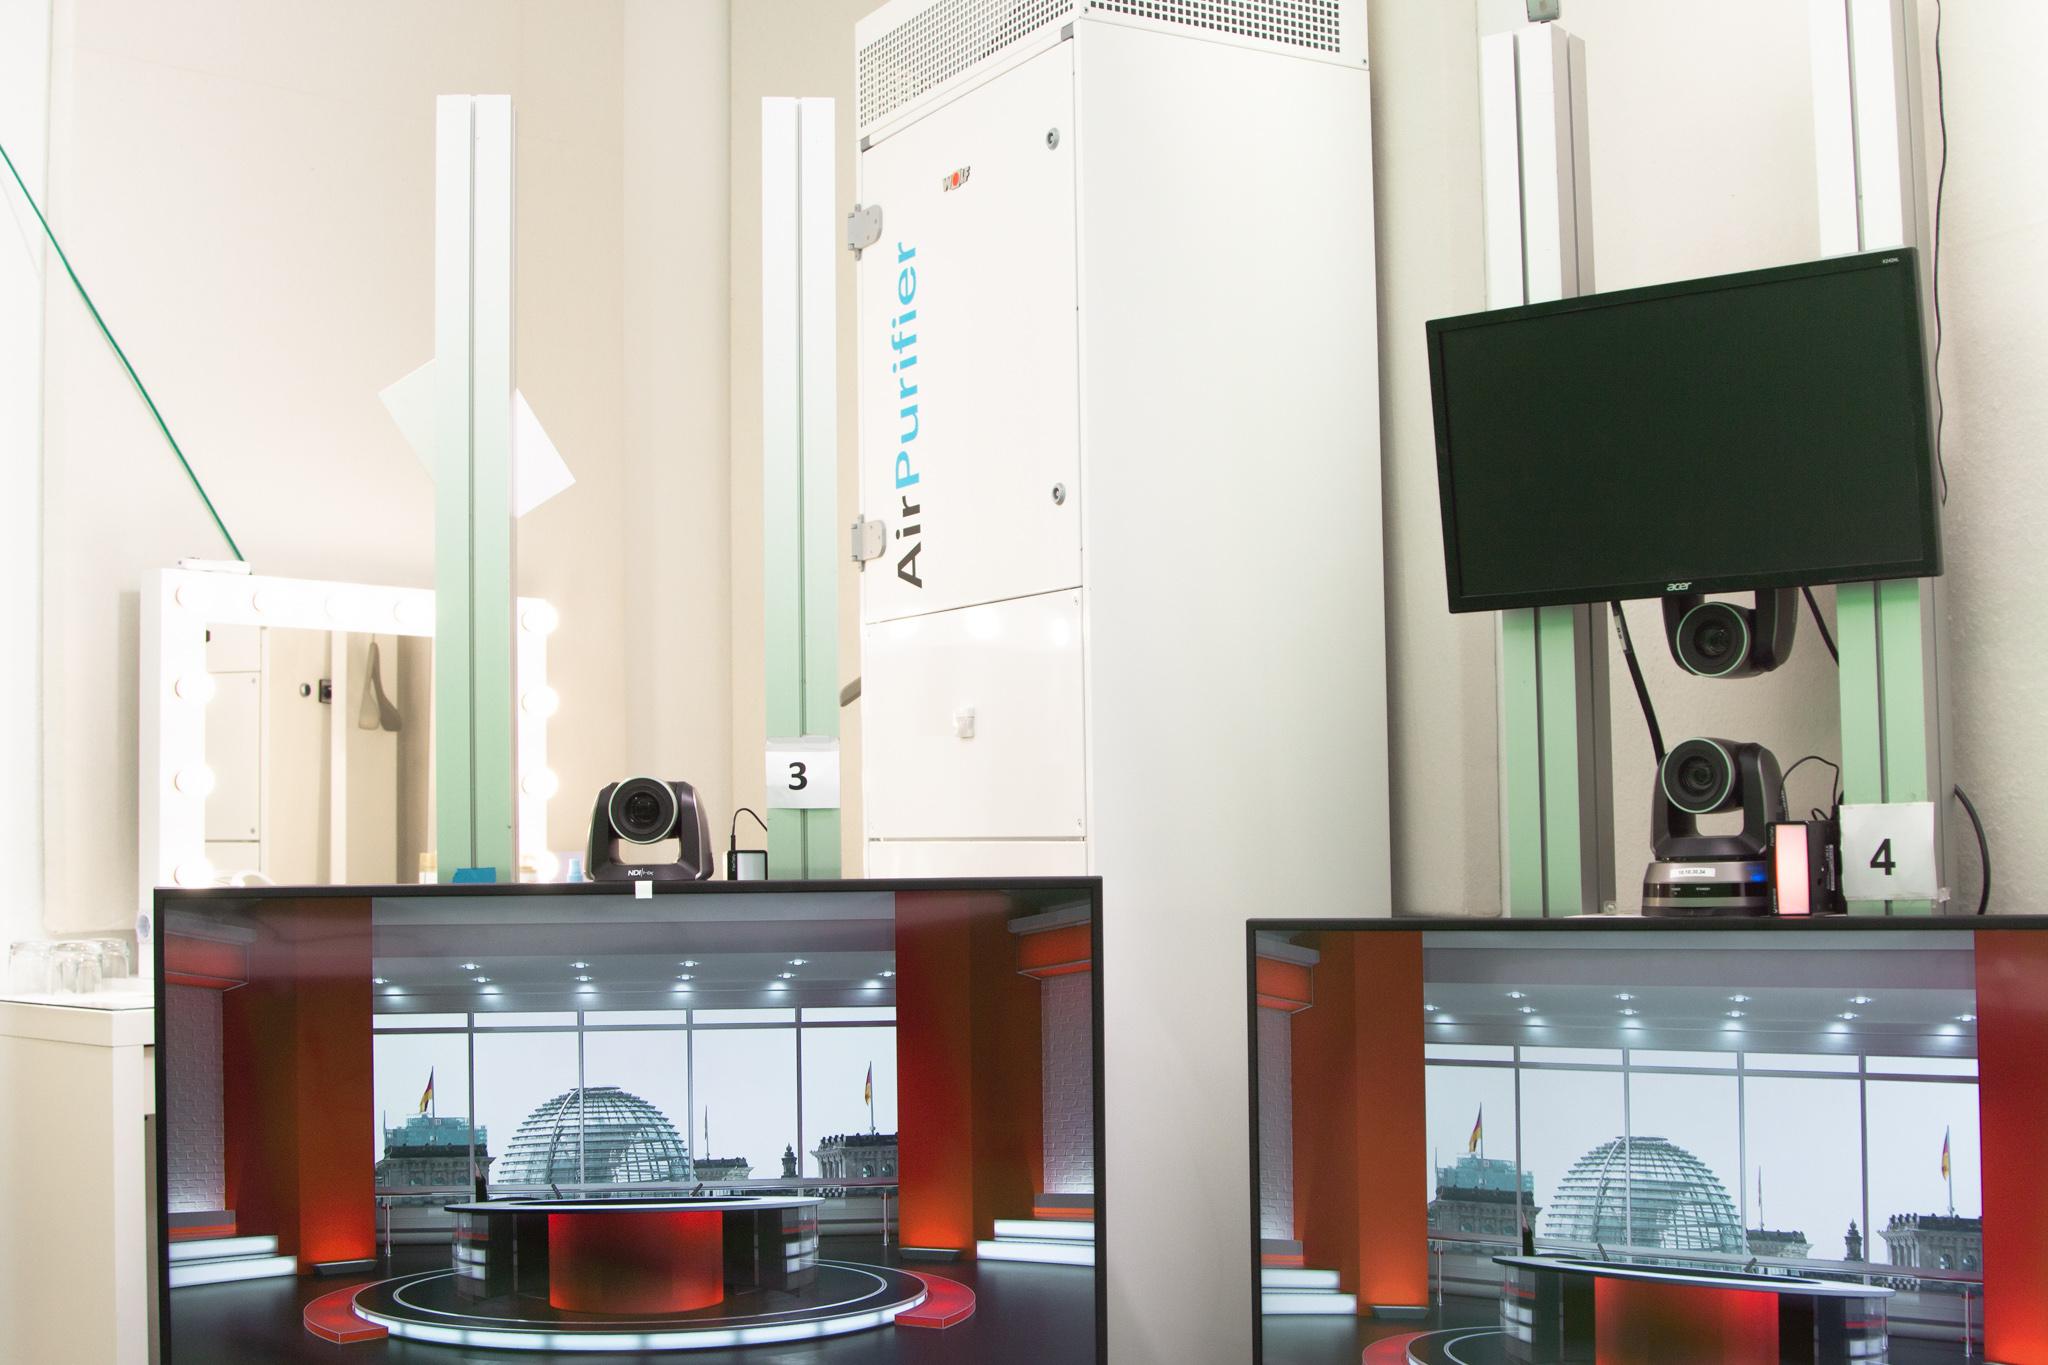 Die Ausstattung im Digitalen Hauptstadtstudio wurde um einen Raumluftreiniger von WOLF erweitert.